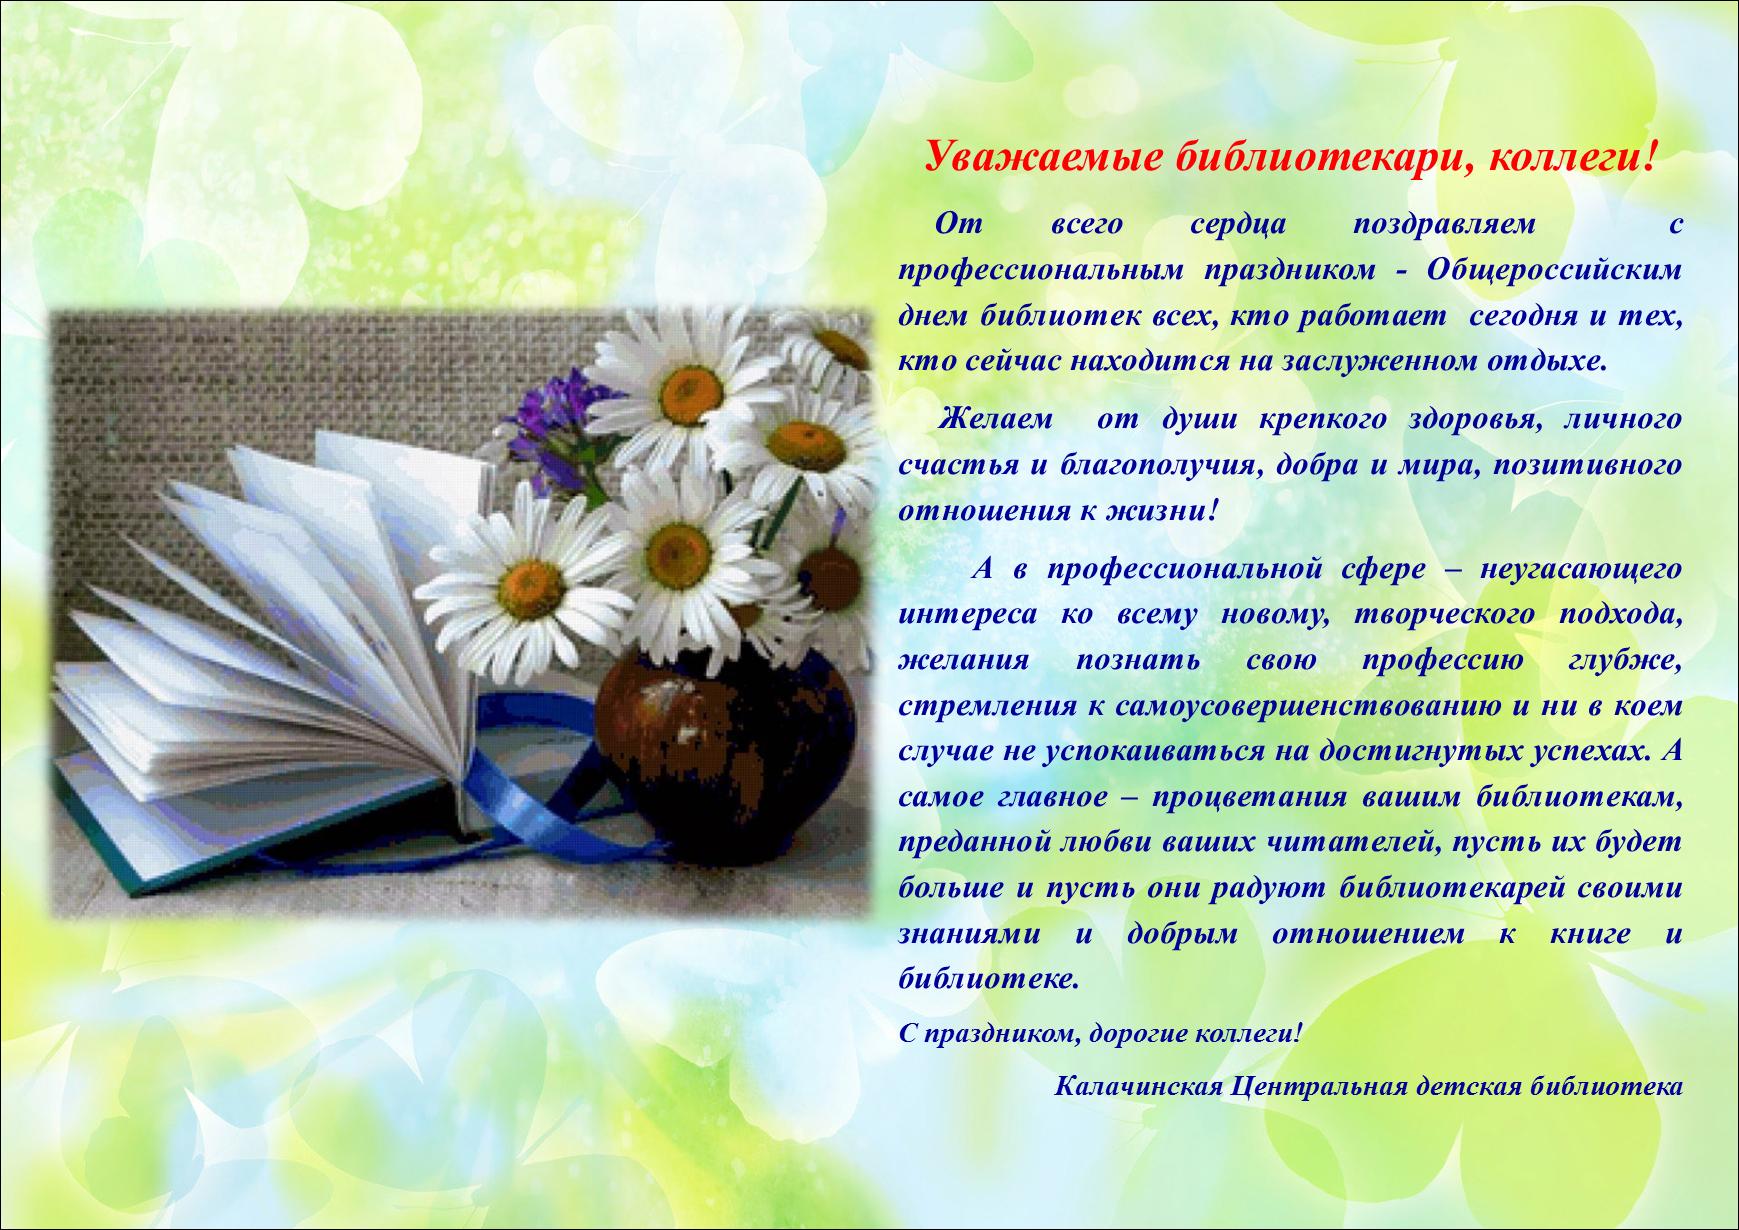 Поздравления библиотекарей к профессиональному празднику библиотек